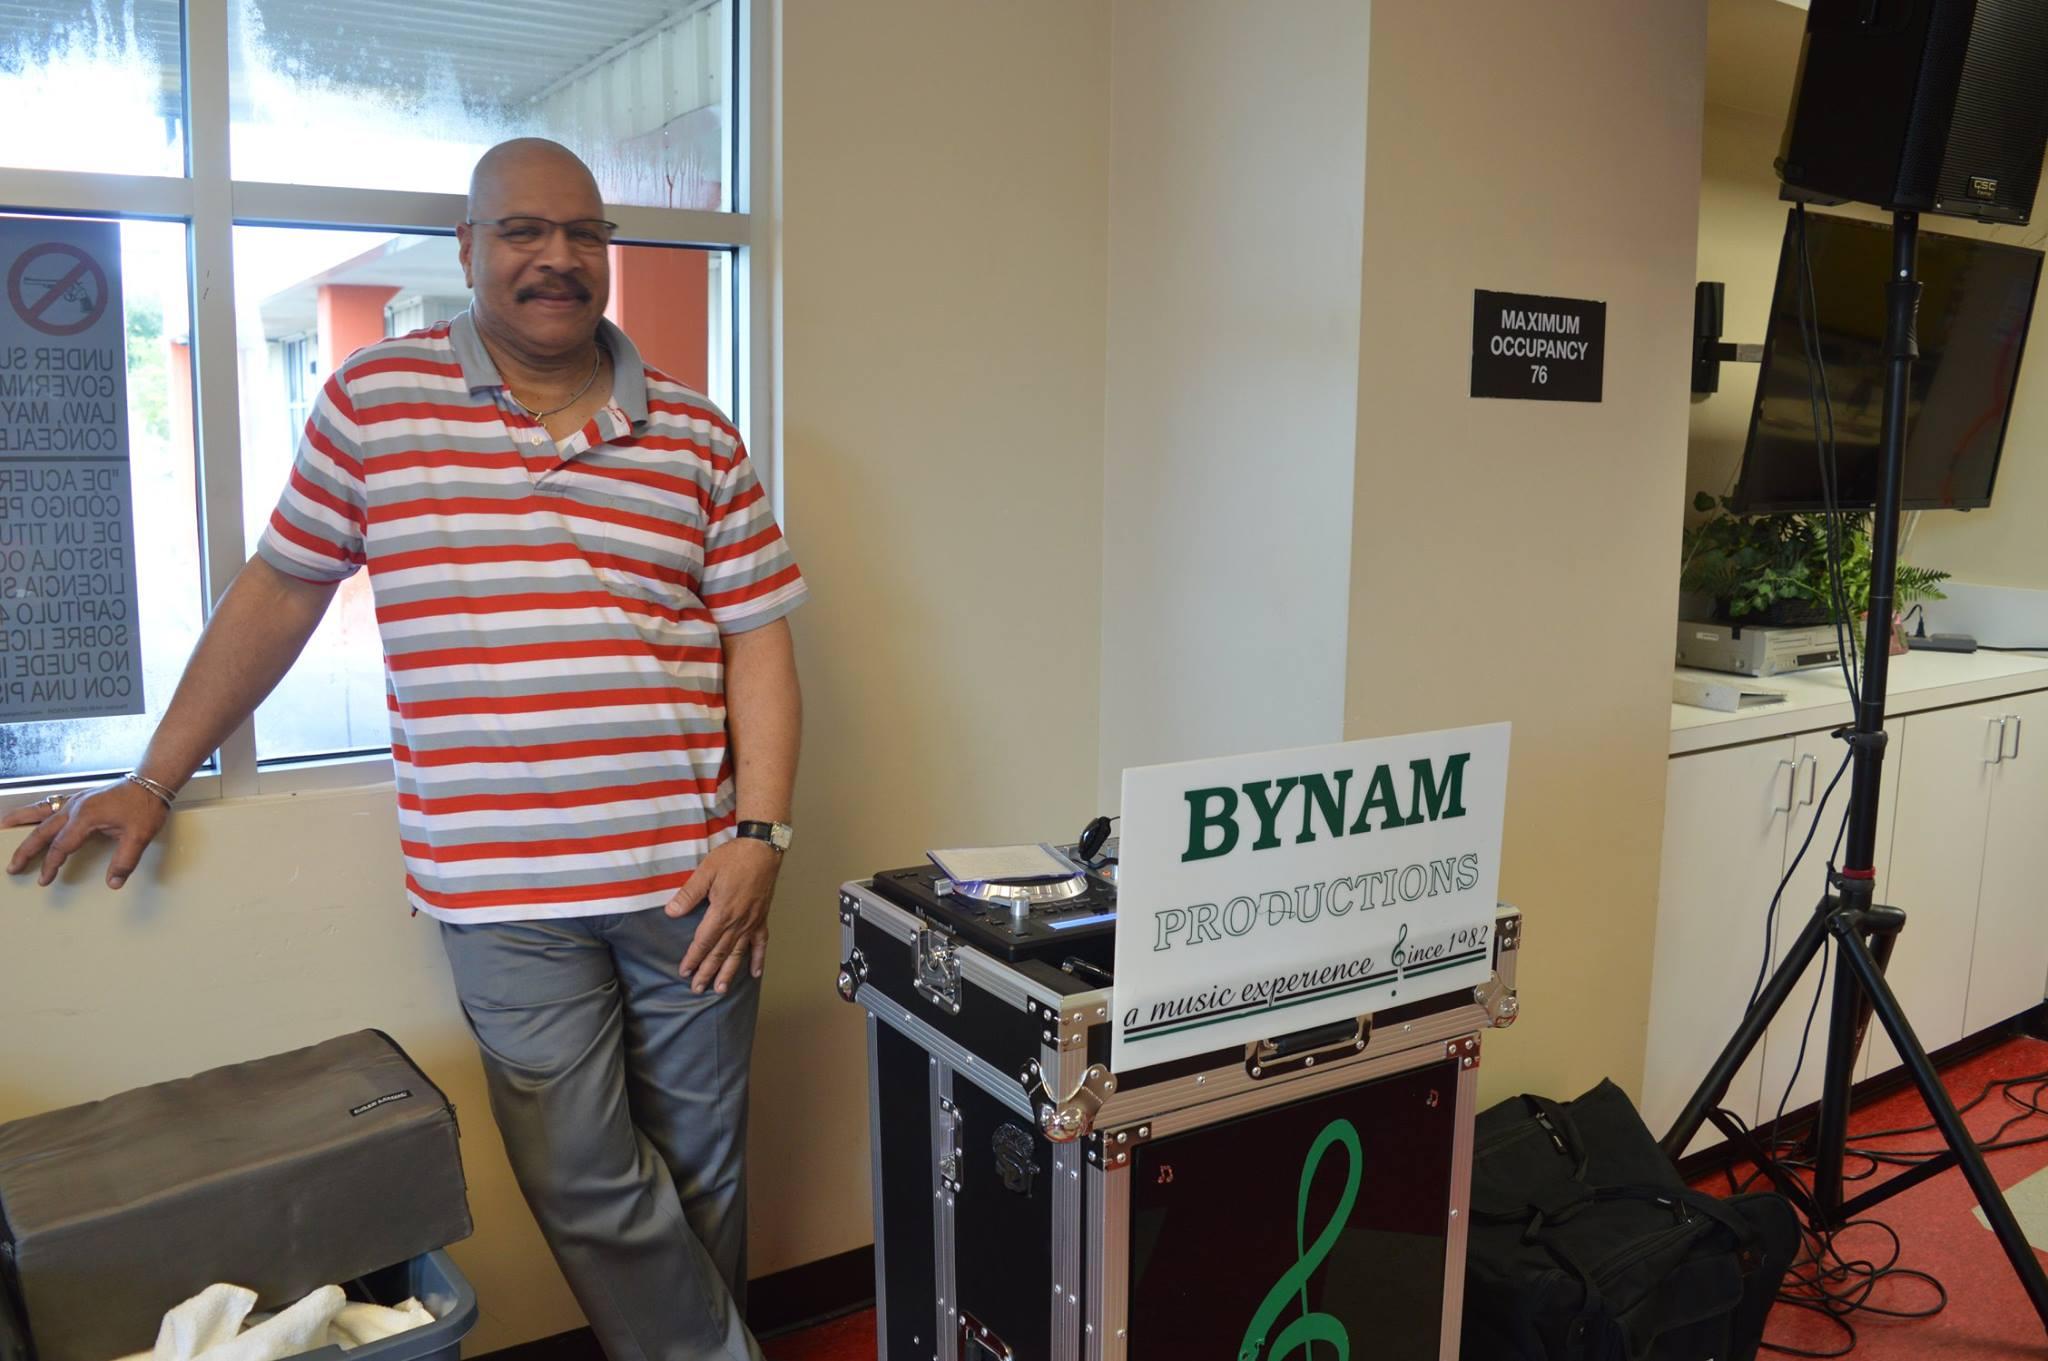 DJ Bynam